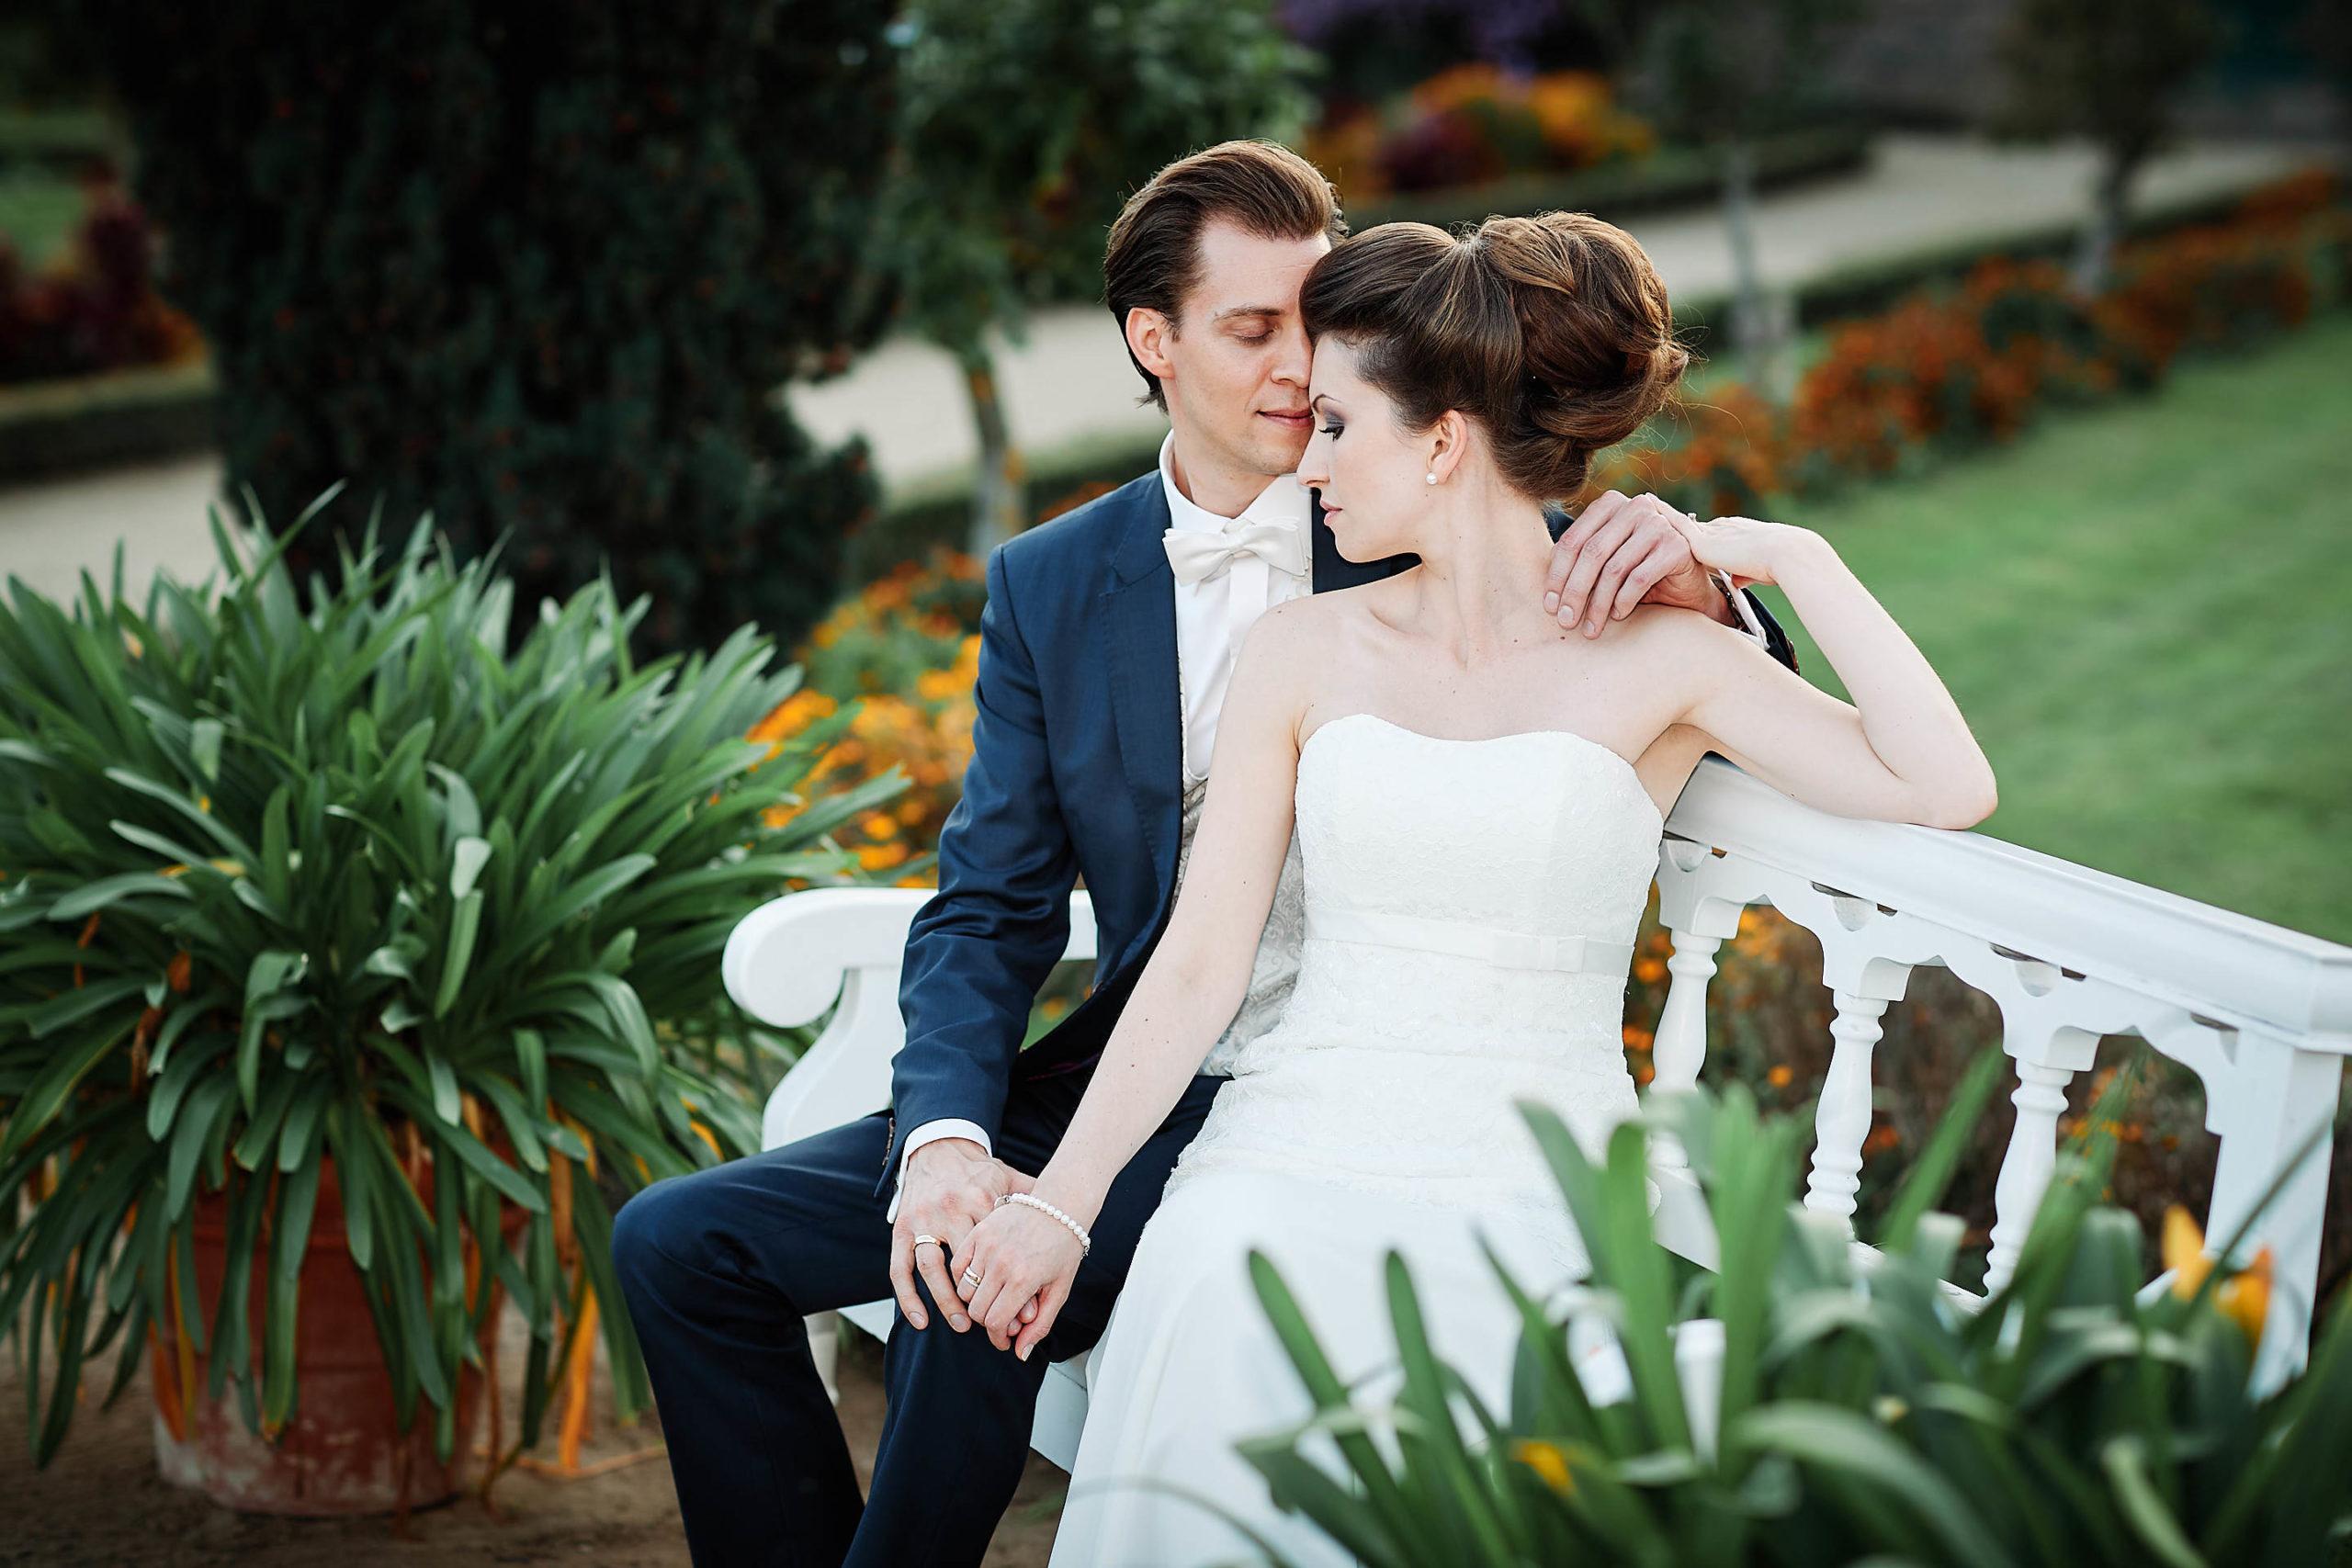 Hochzeitsfotograf in Darmstadt Ein verliebtes Hochzeitspaar sich auf einer weissen Parkbank im Herrngarten in Darmstadt